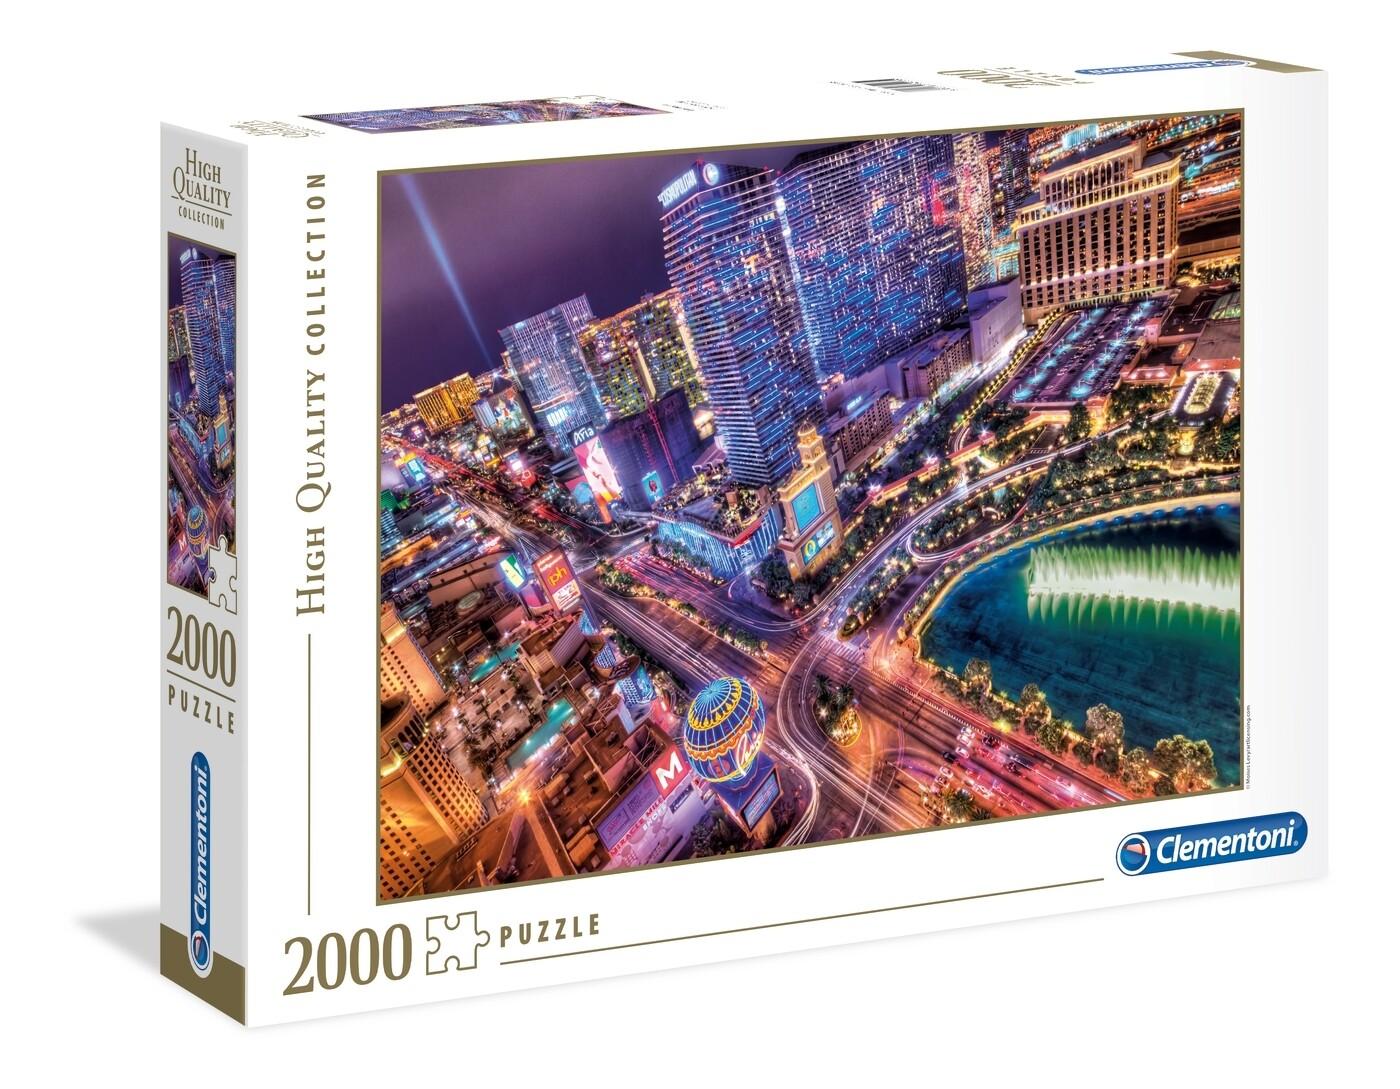 PUZZLE 2000 HQ Las Vegas - CLEMENTONI